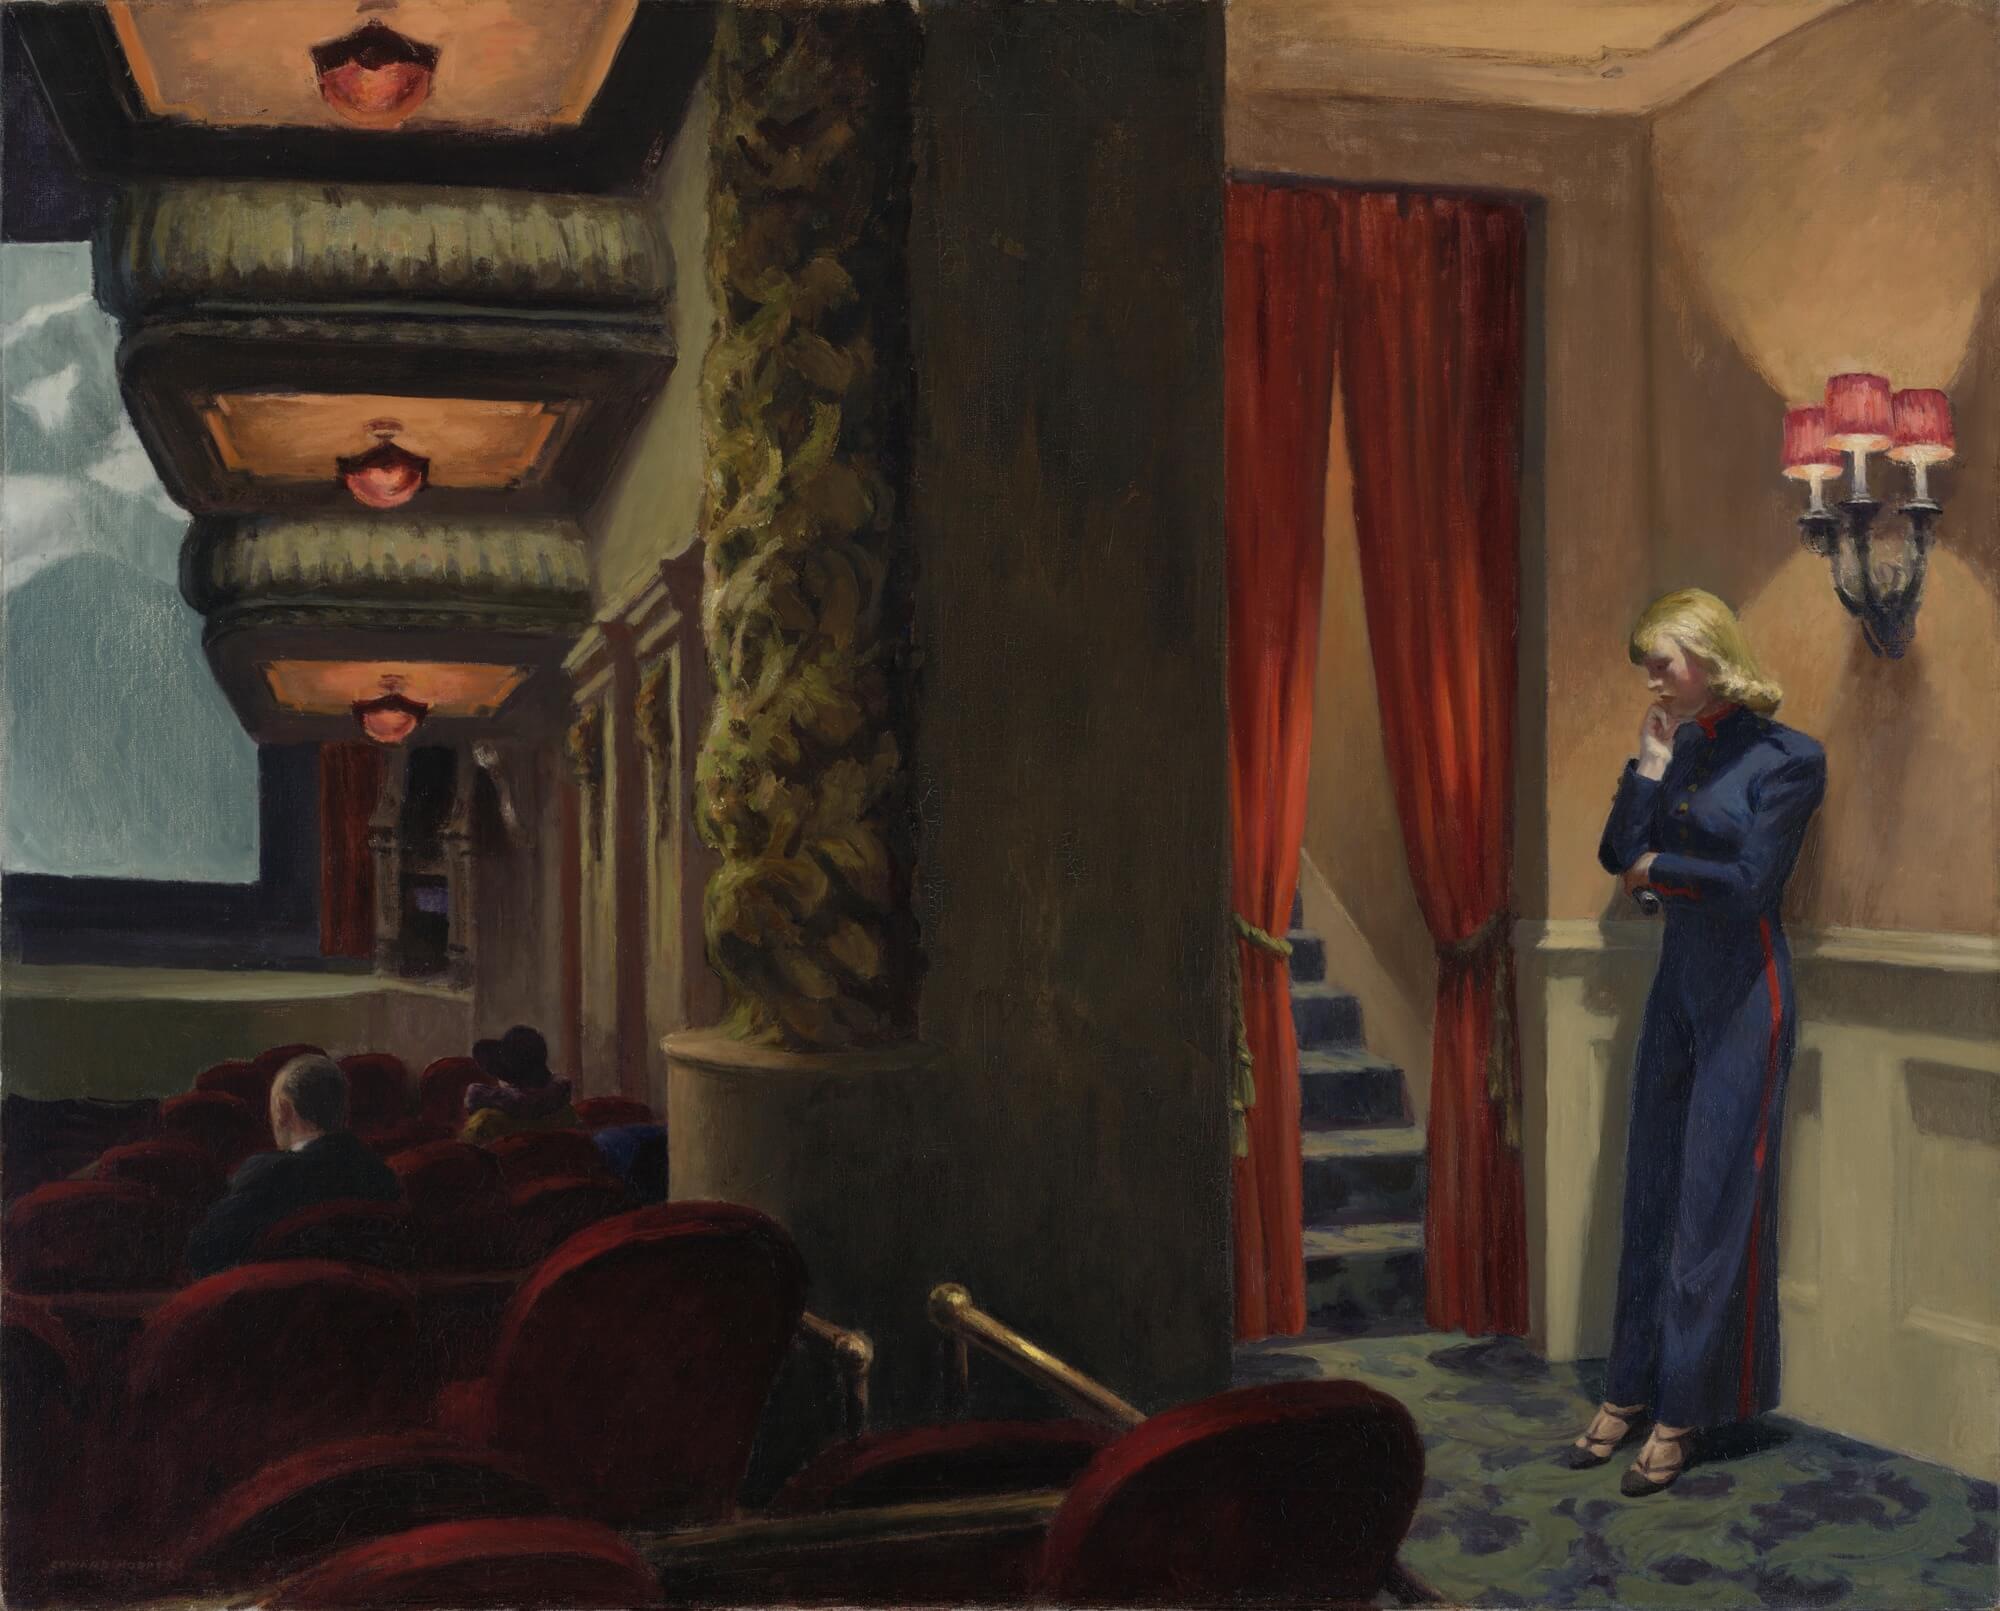 'New York movie' de Hopper